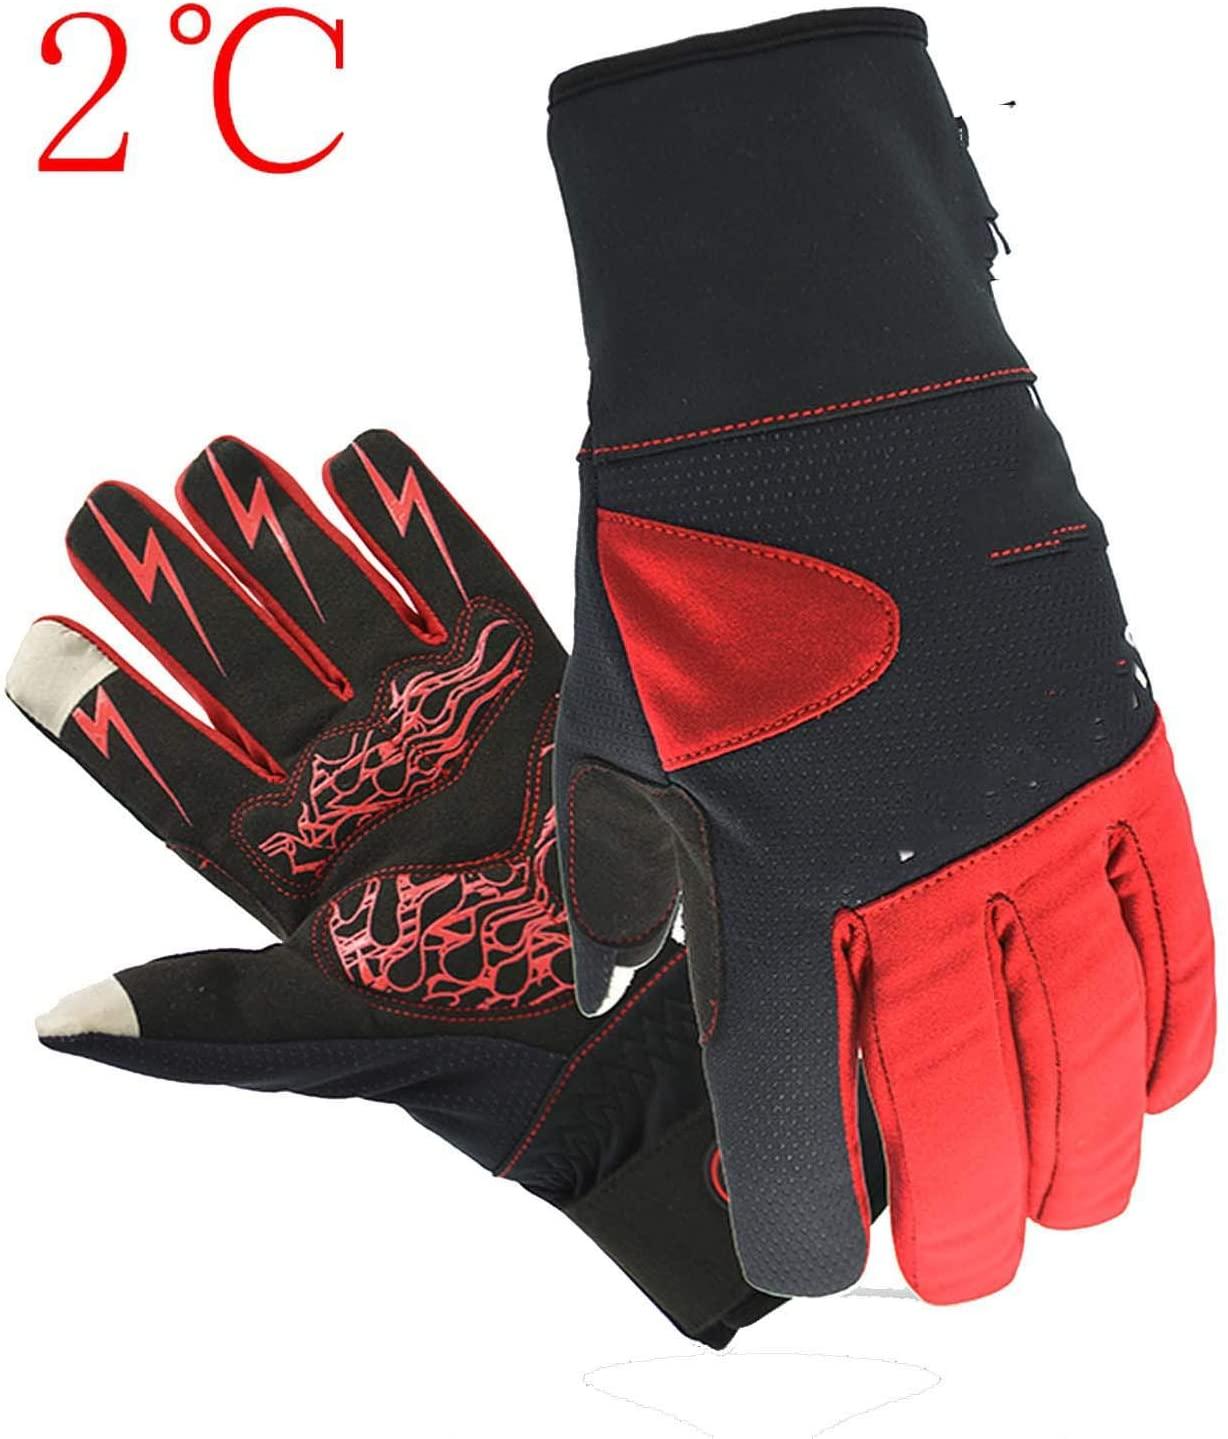 YR5V4V Thermal Ski Gloves Full Finger Touchscreen Winter Cycling Gloves Reflective Biking Driving Gloves Men Women,MK18FRed,M,